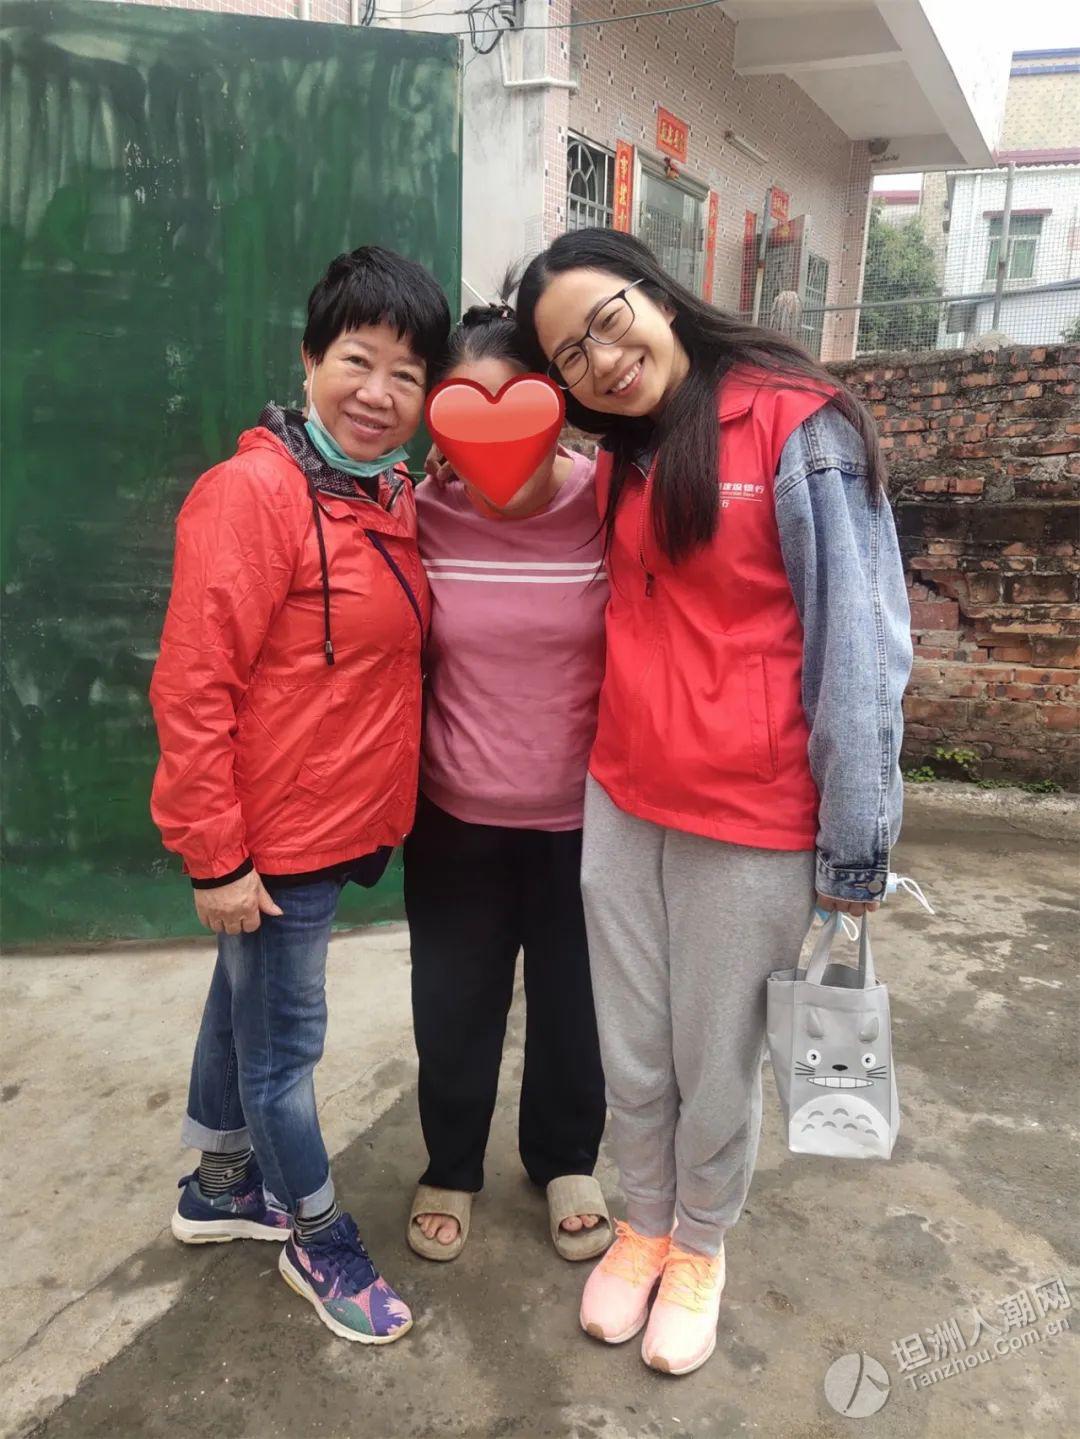 【活动回顾】坦洲:一群人温暖一座城,关爱弱势群体入户探访